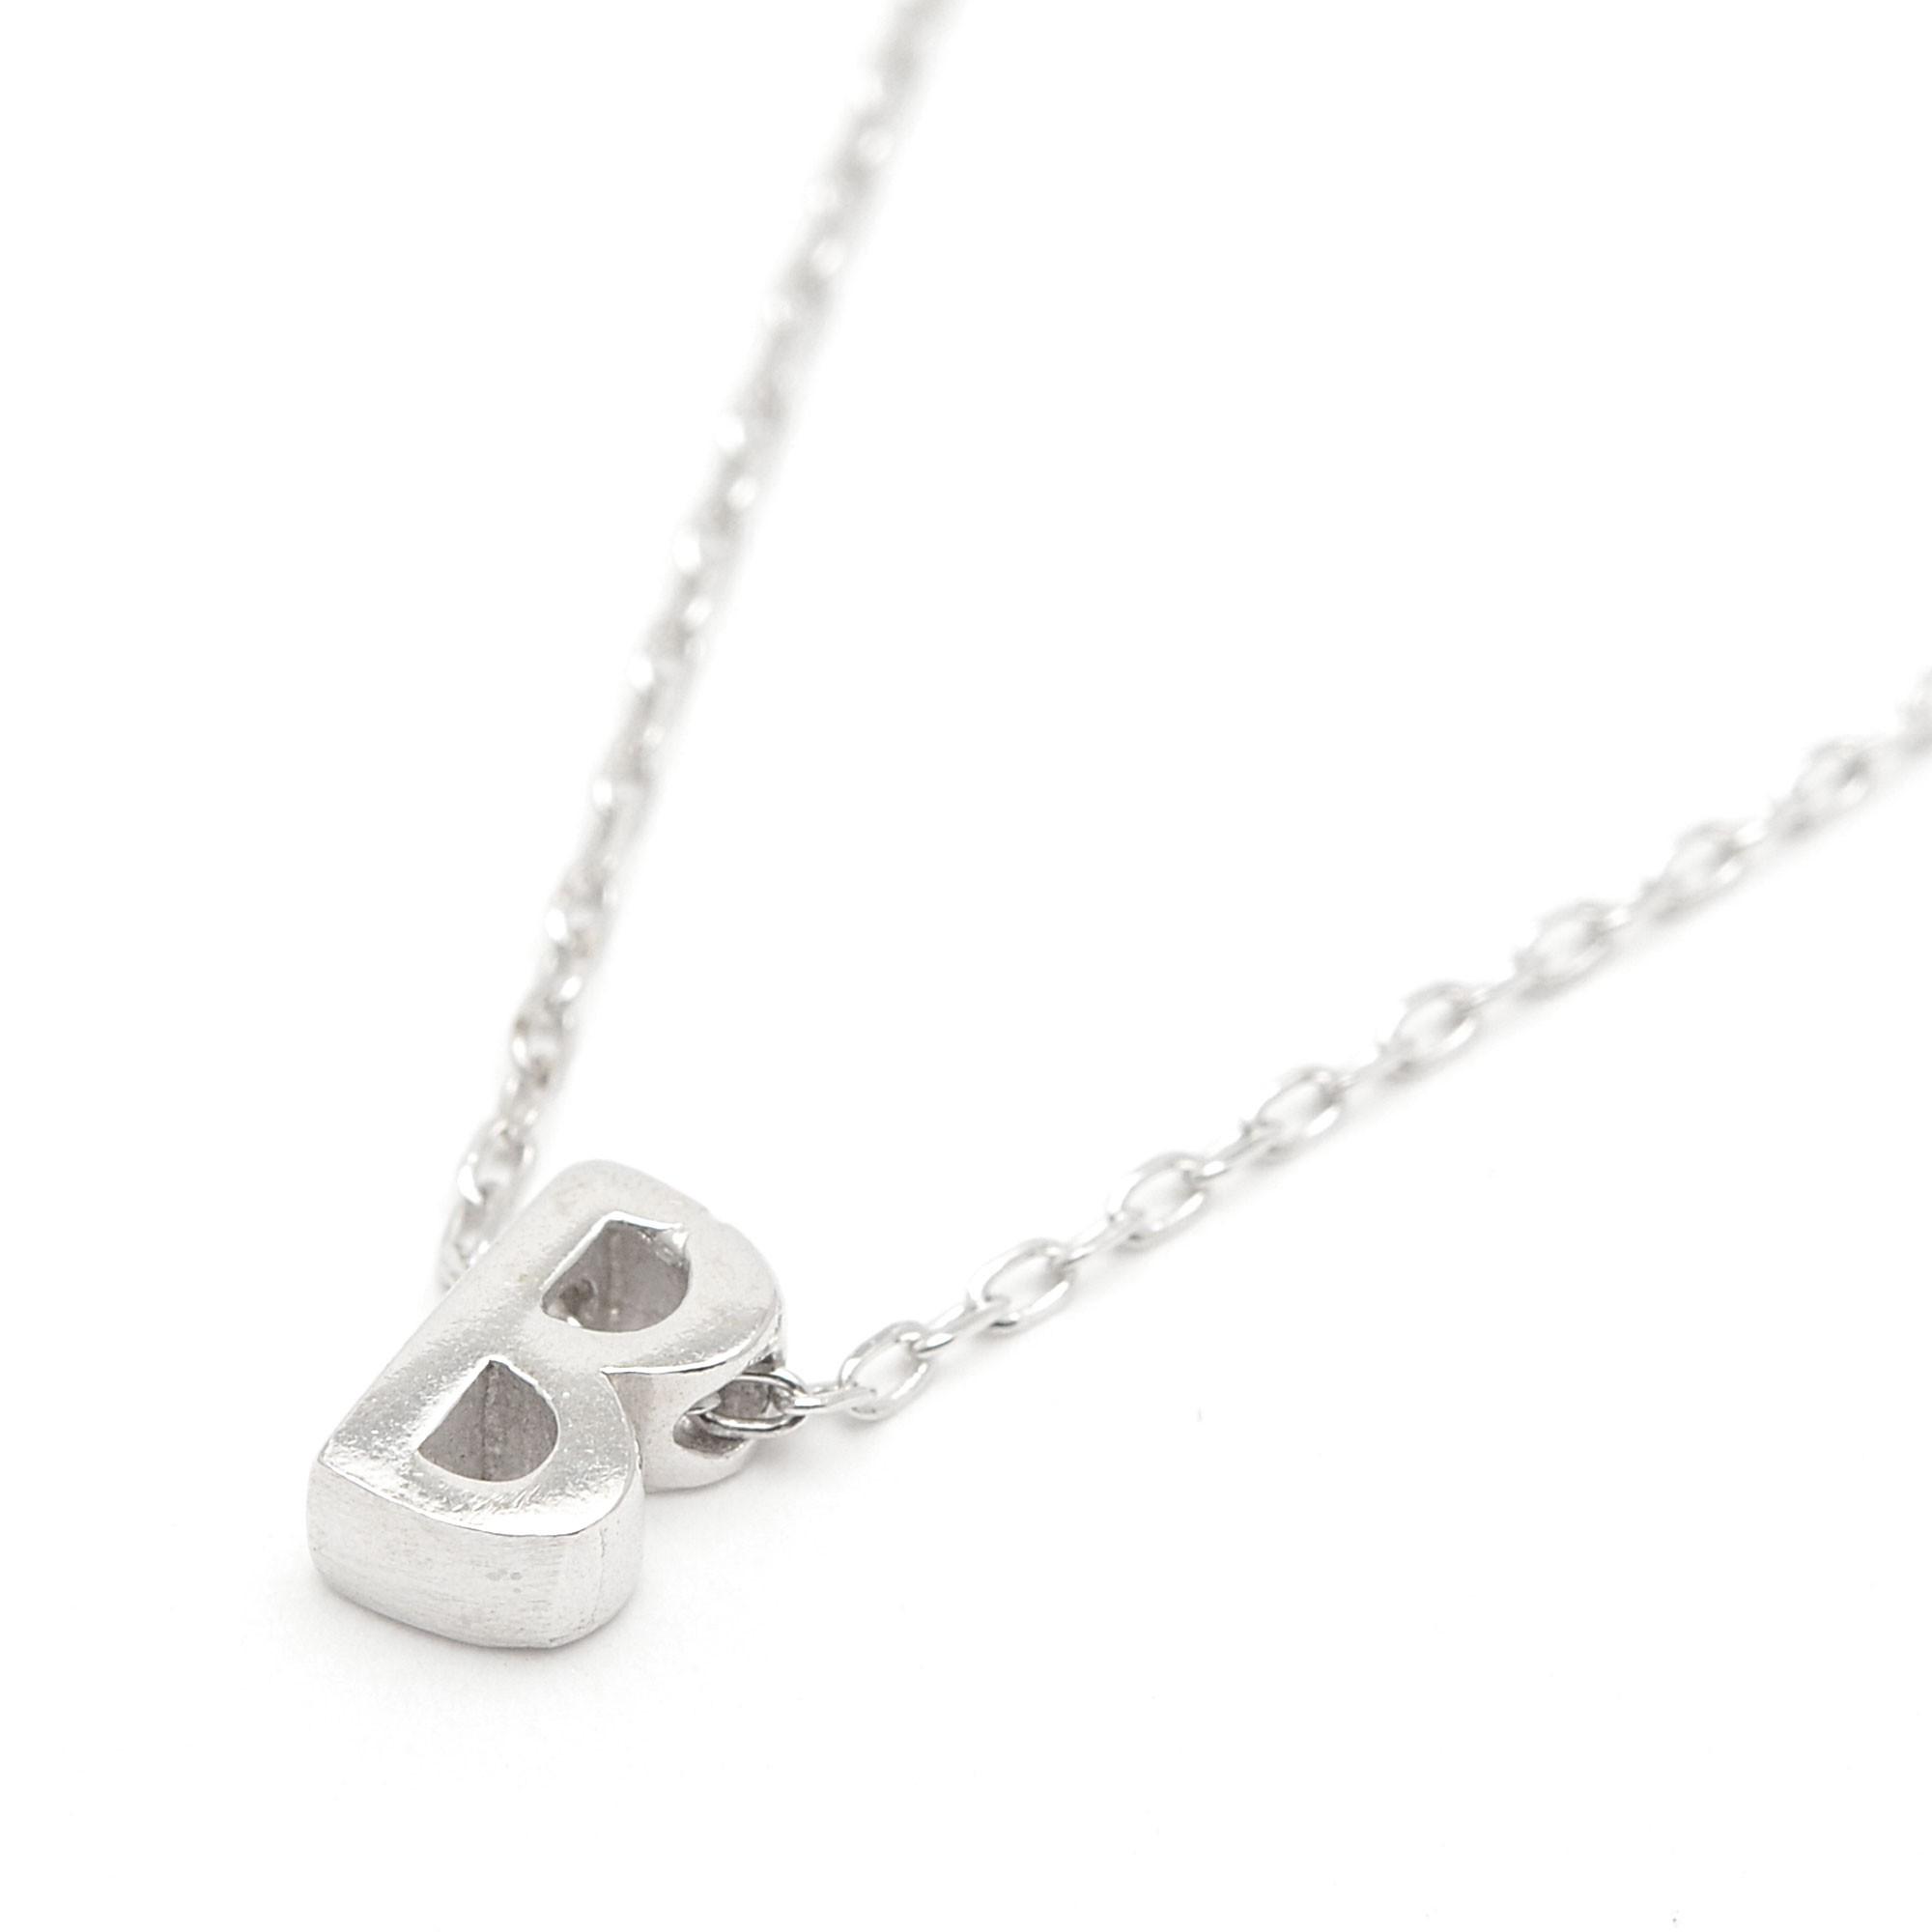 fe07ca23edc3 Colgante de plata con la letra inicial y cadena